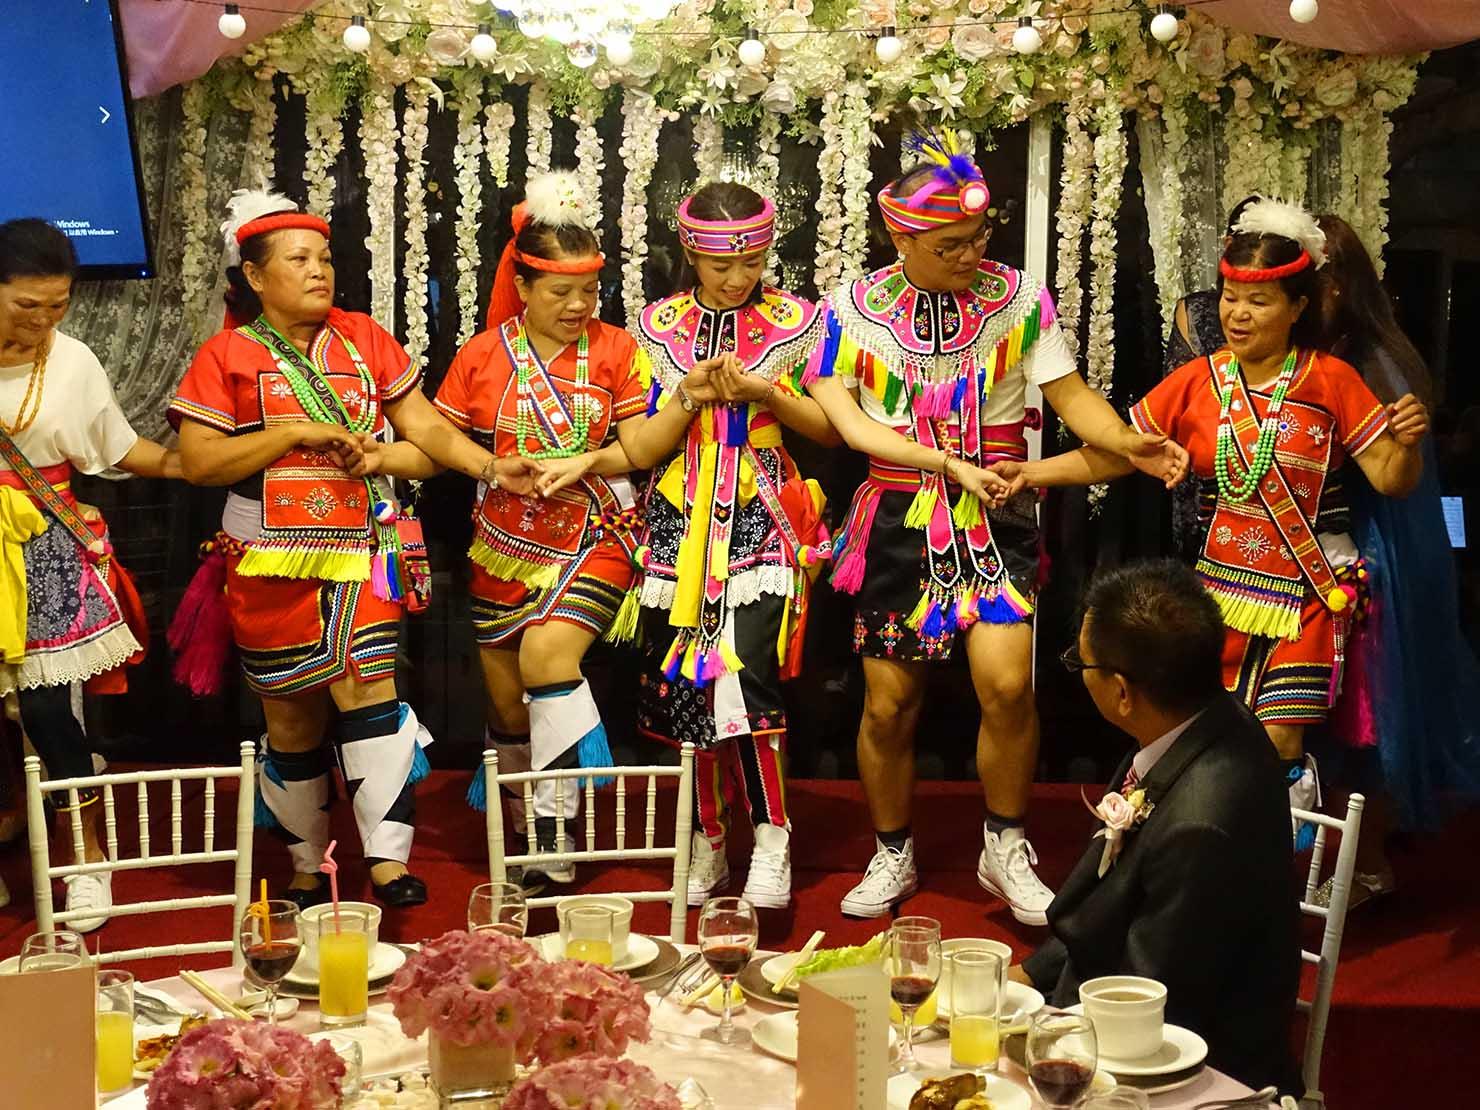 台湾の結婚式で原住民族・阿美族(アミ族)の伝統衣装に身を包んだ新郎新婦